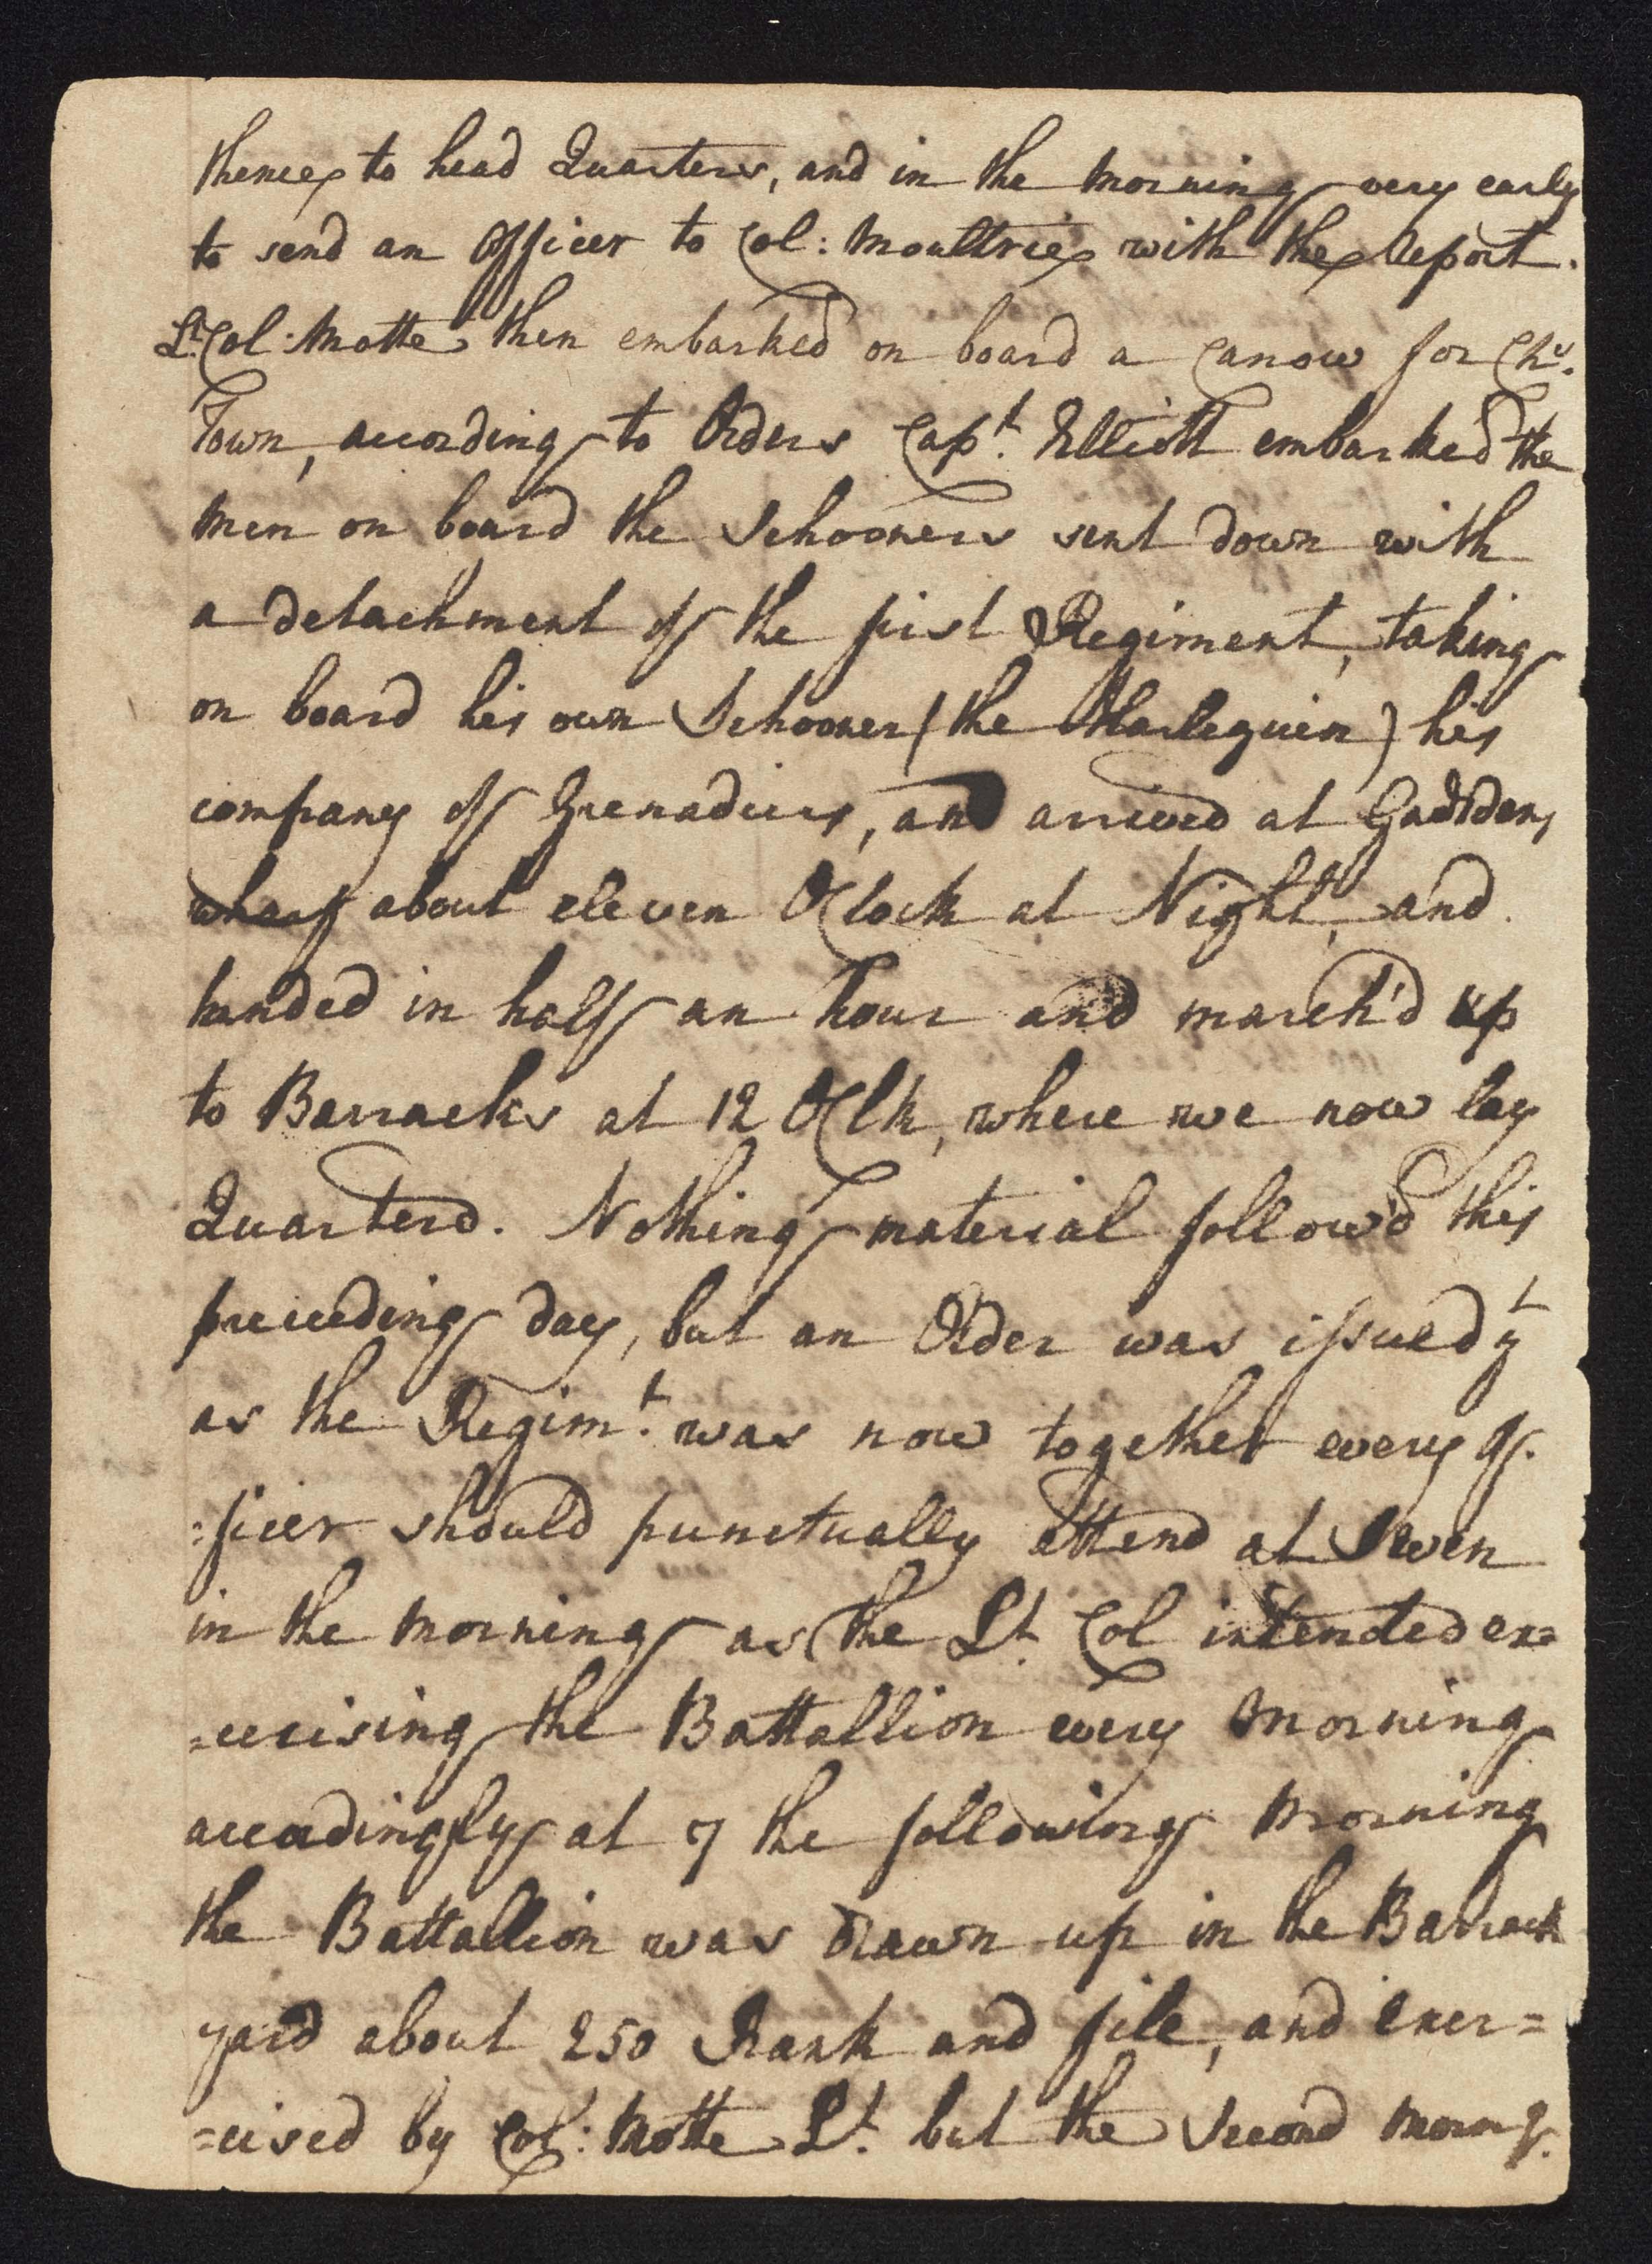 South Carolina Regiment Order Book, Page 44